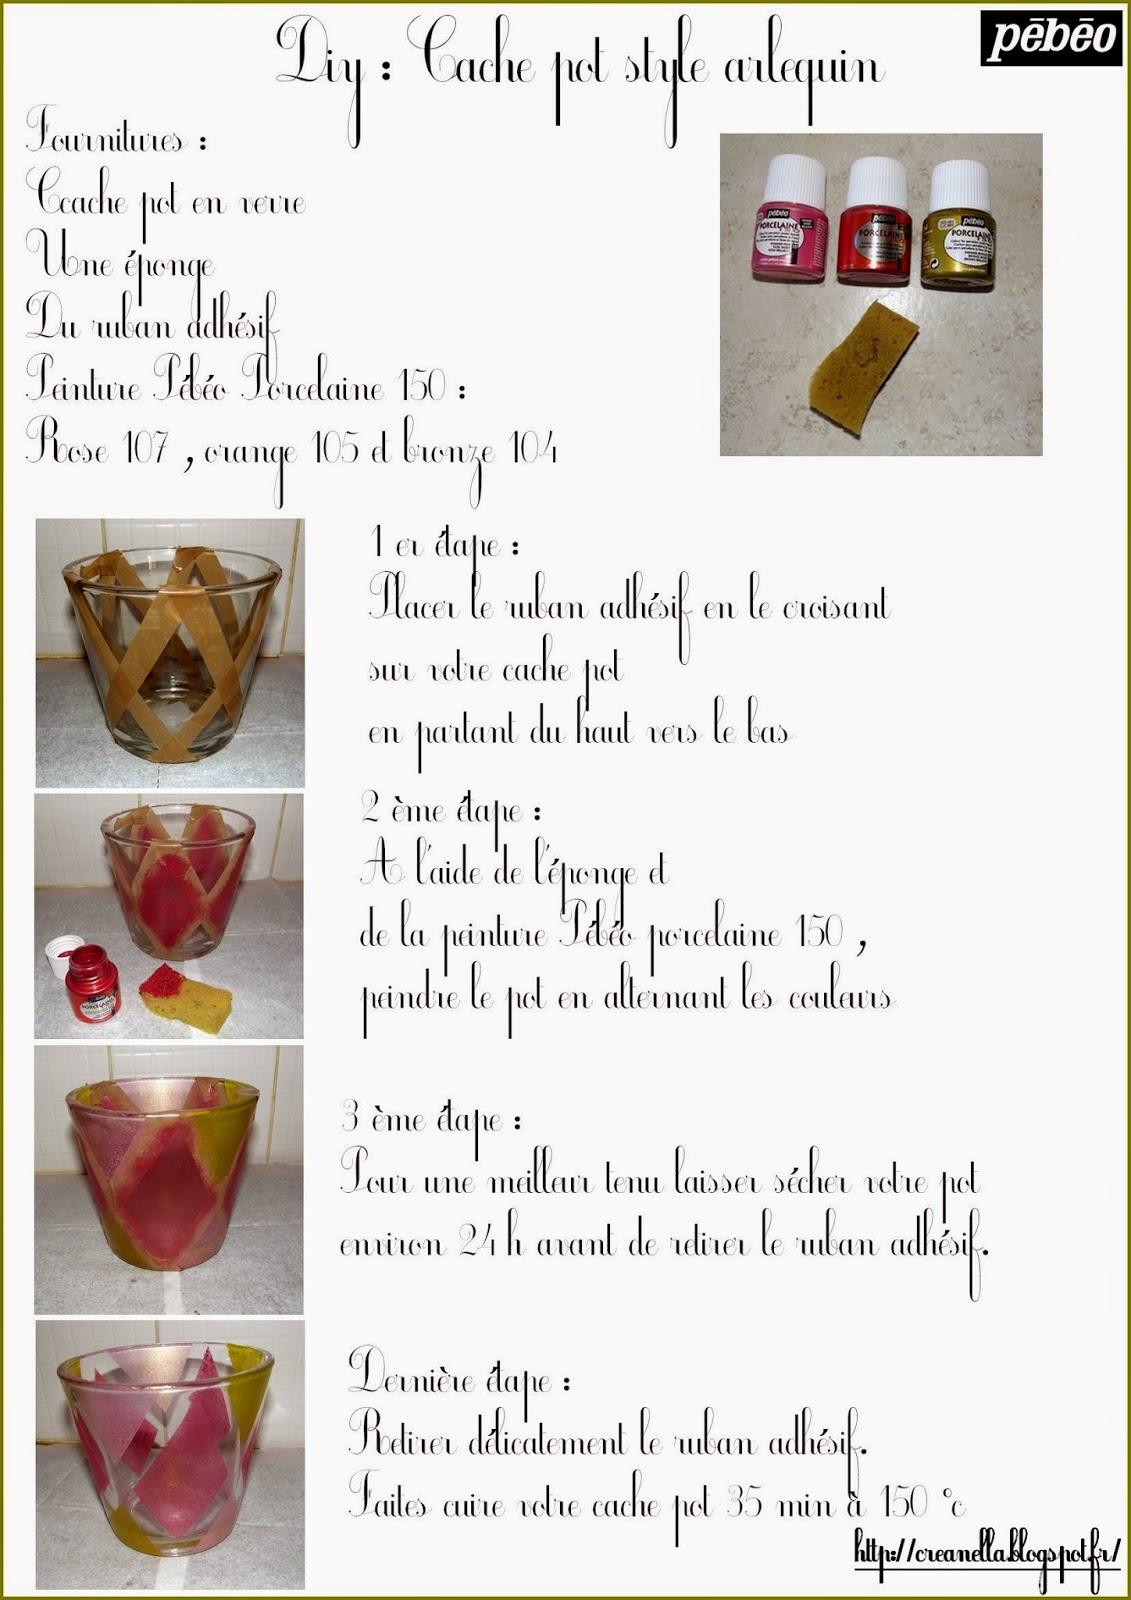 Tuto Peinture Sur Porcelaine créanella atelier créatif: diy : cache pot style arlequin